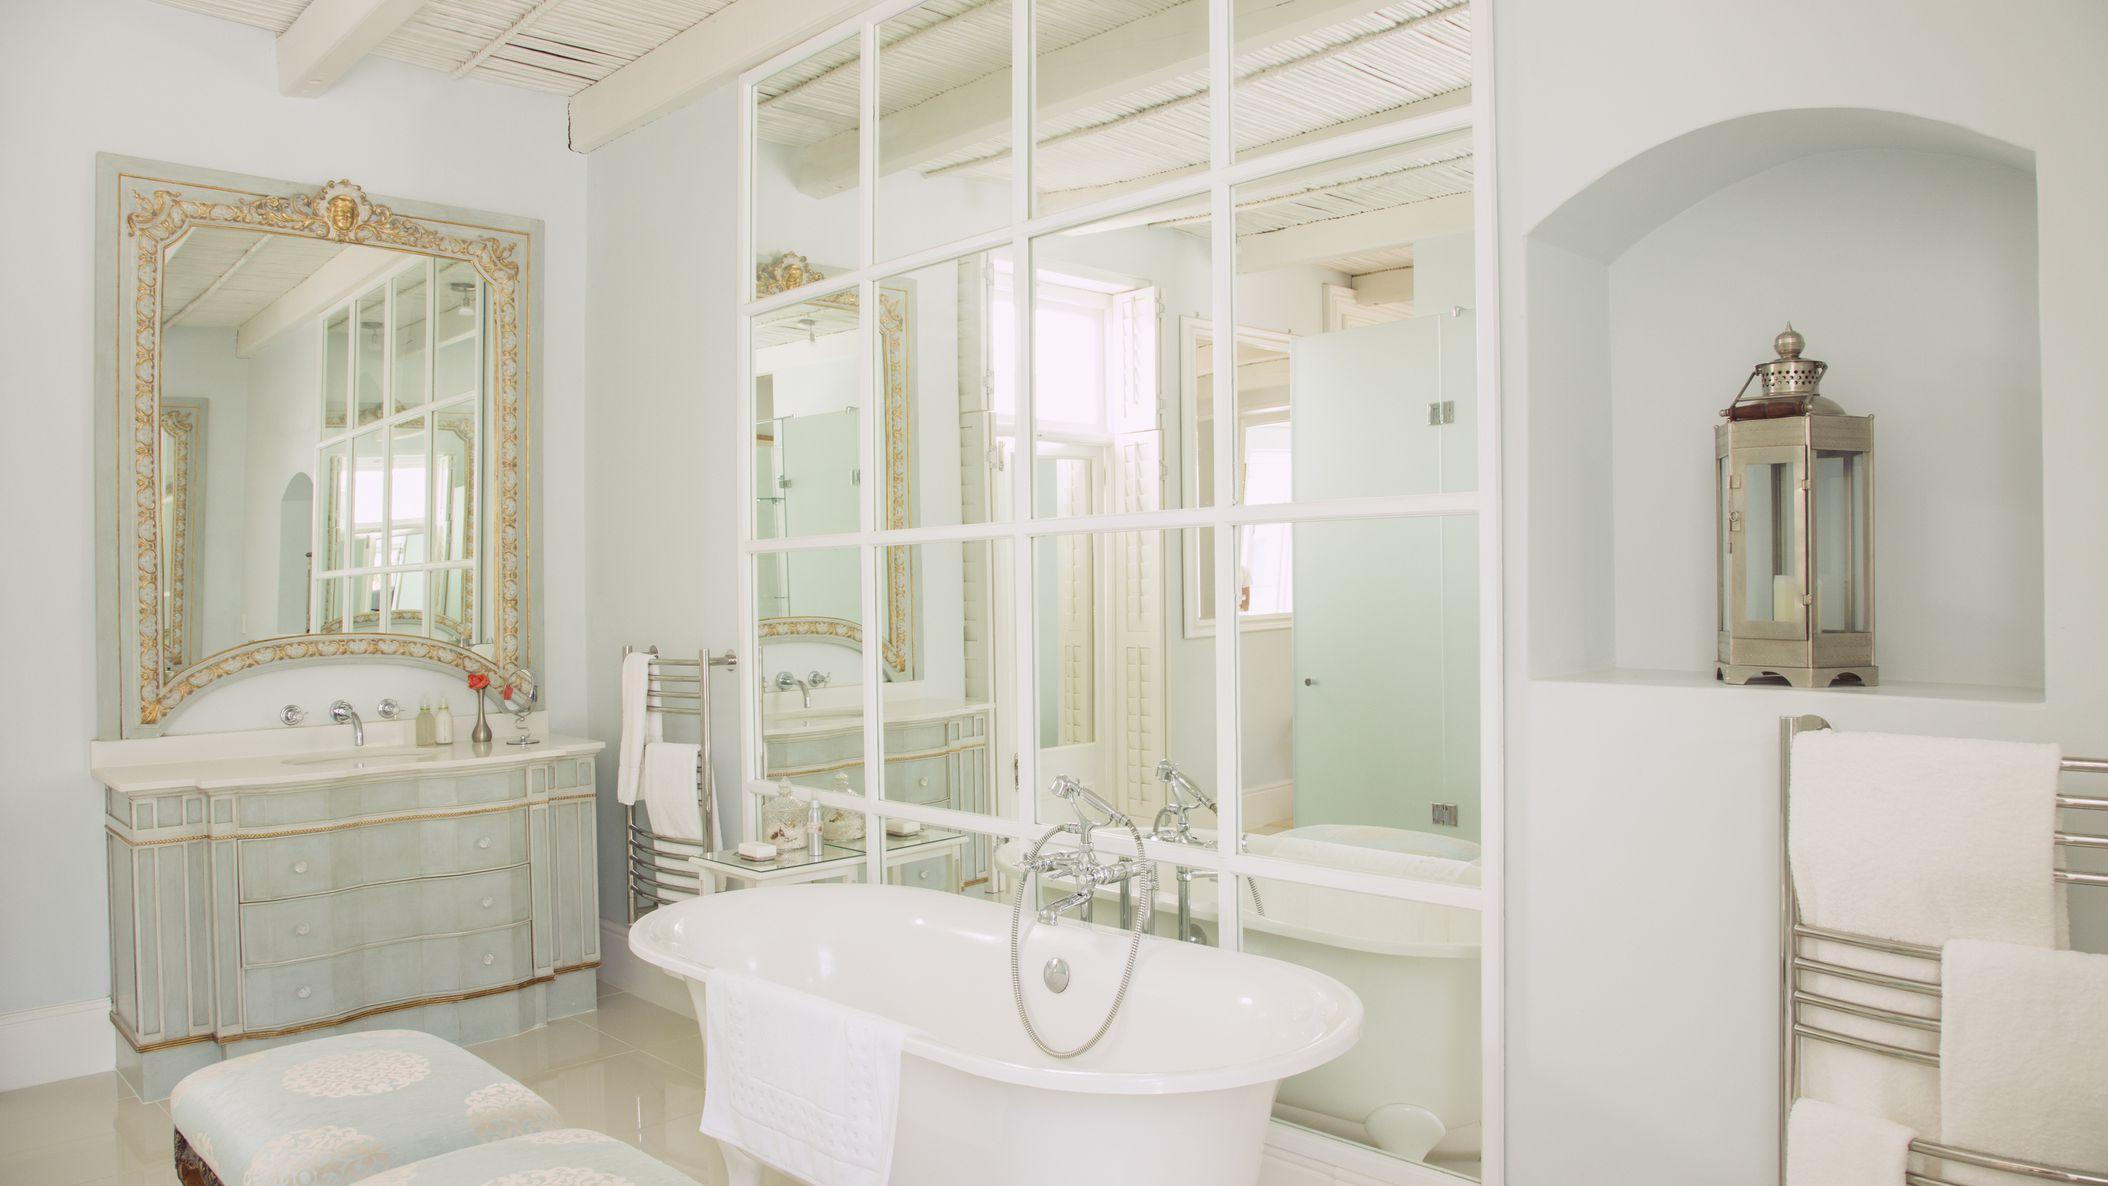 decorative windows for bathrooms.htm essential tips for an elegant bathroom design  an elegant bathroom design